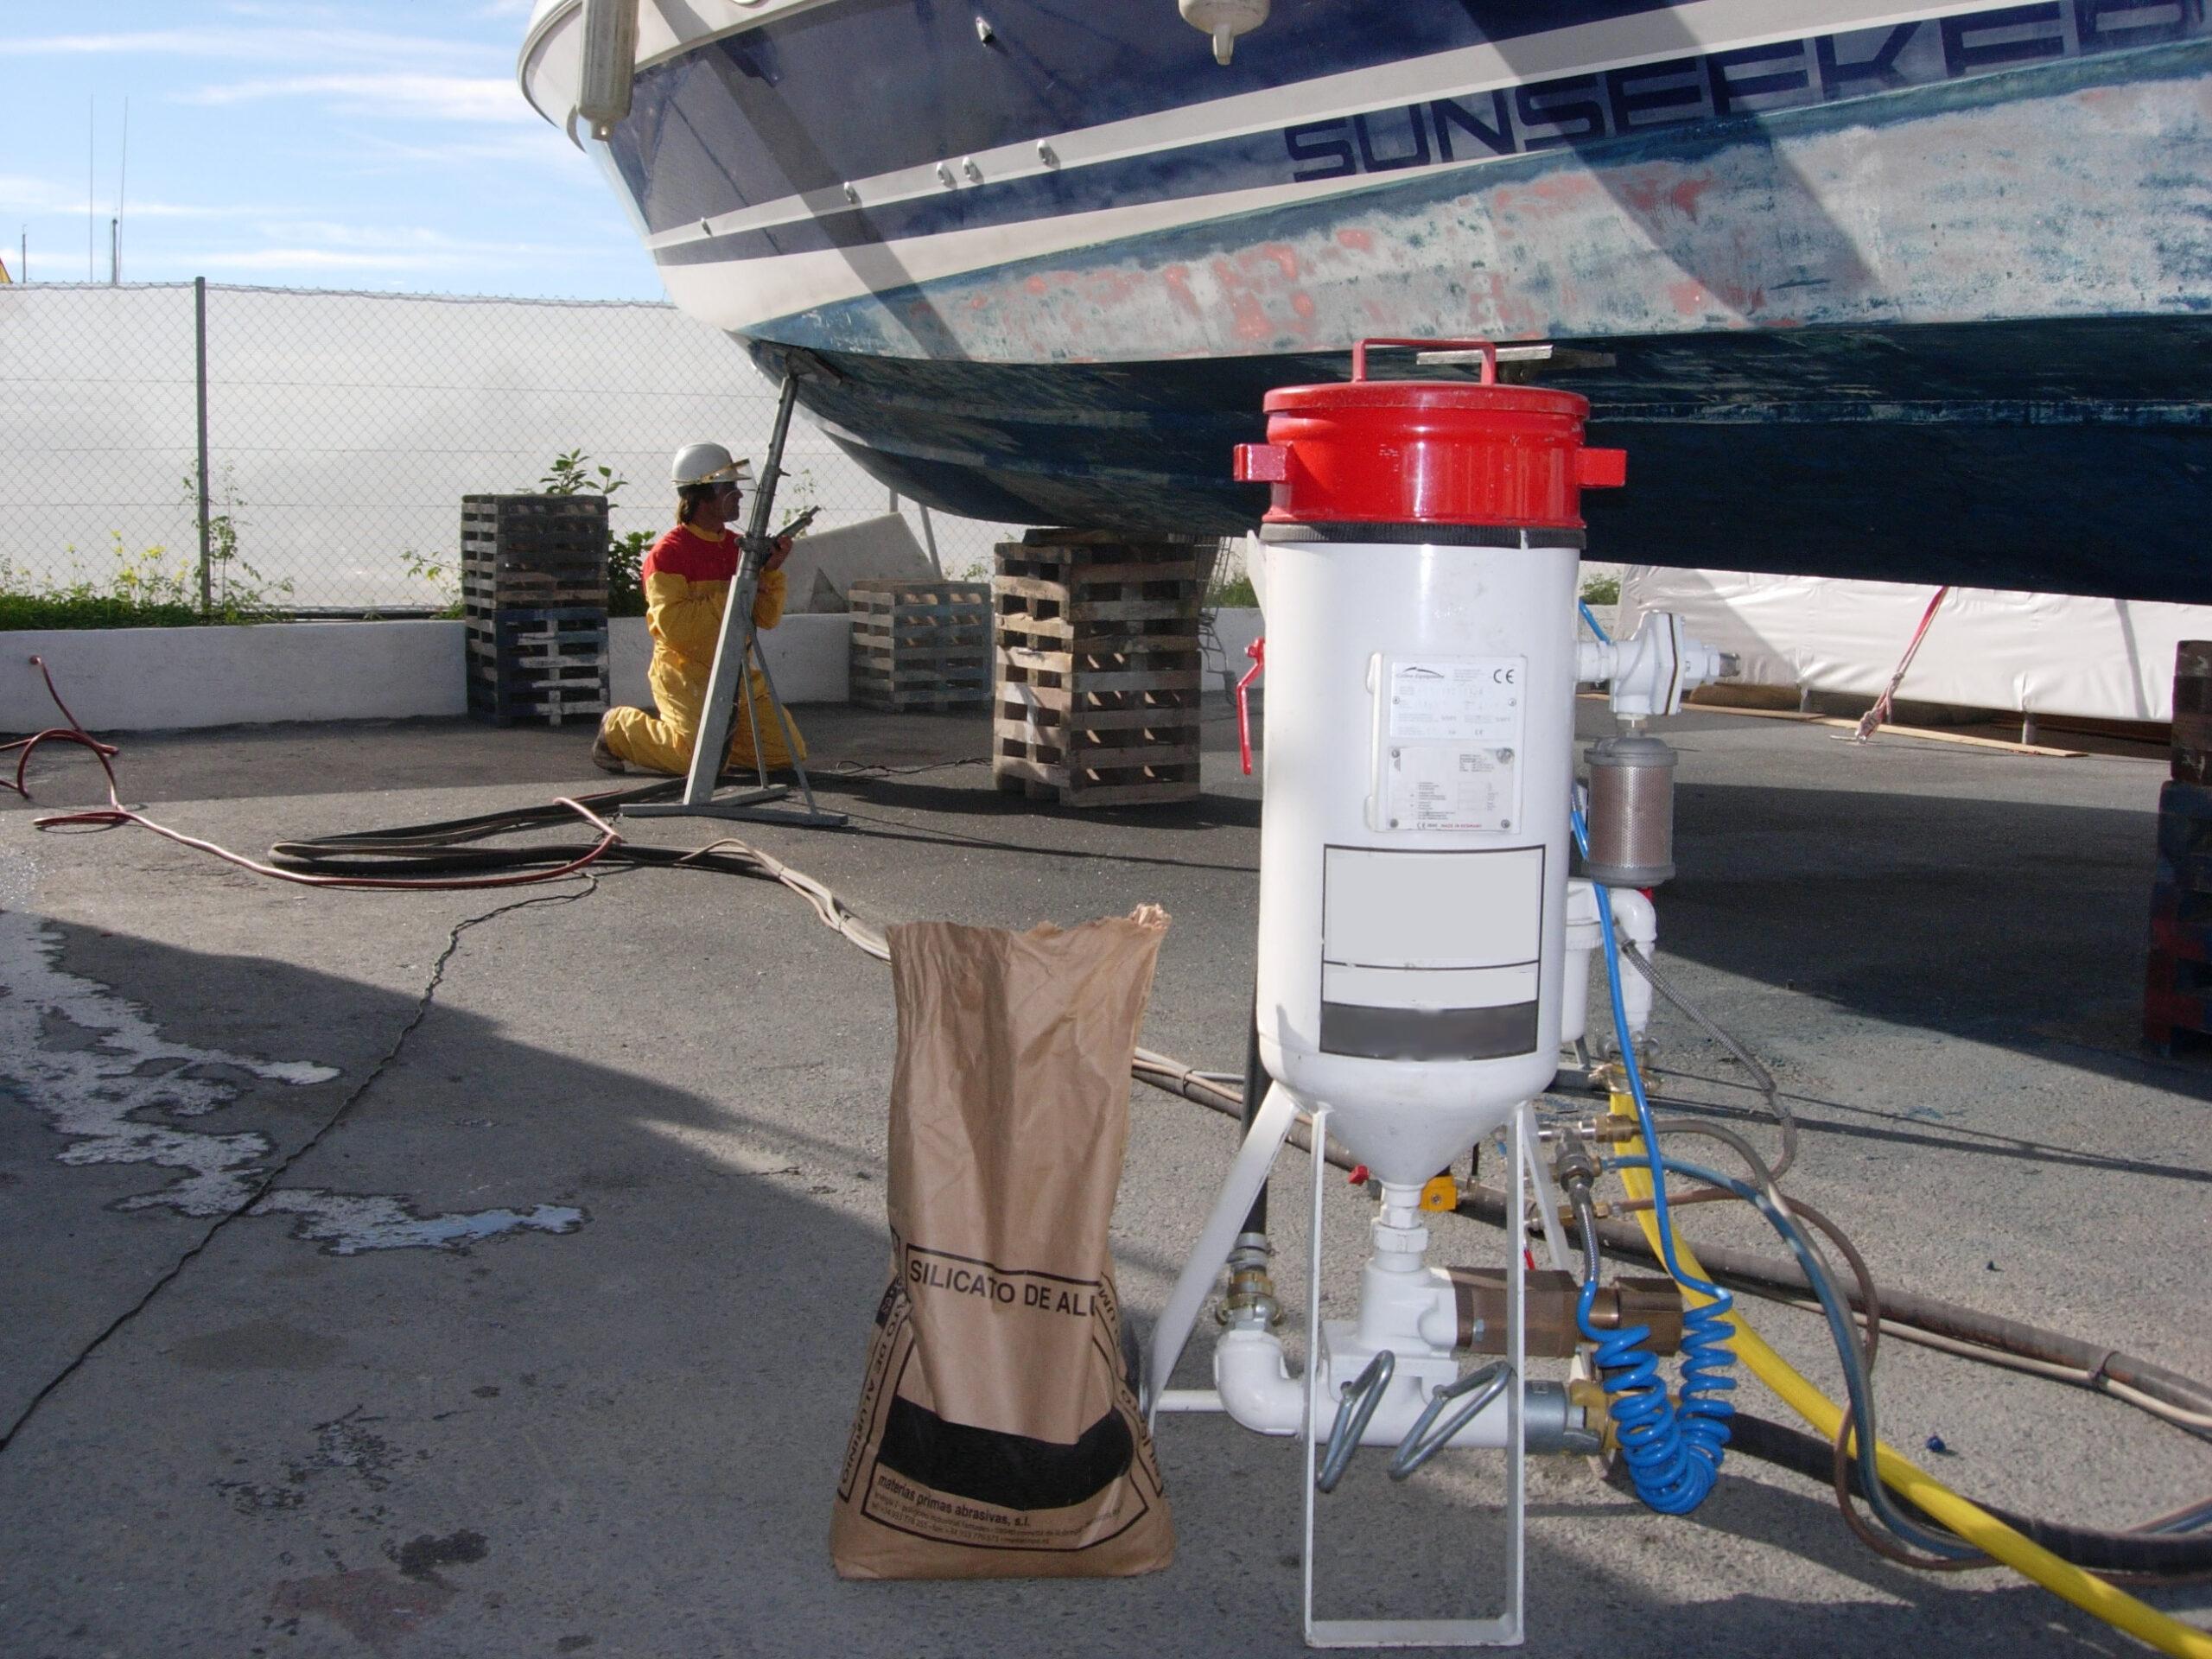 Limpieza de barcos en el Puerto de Alicante